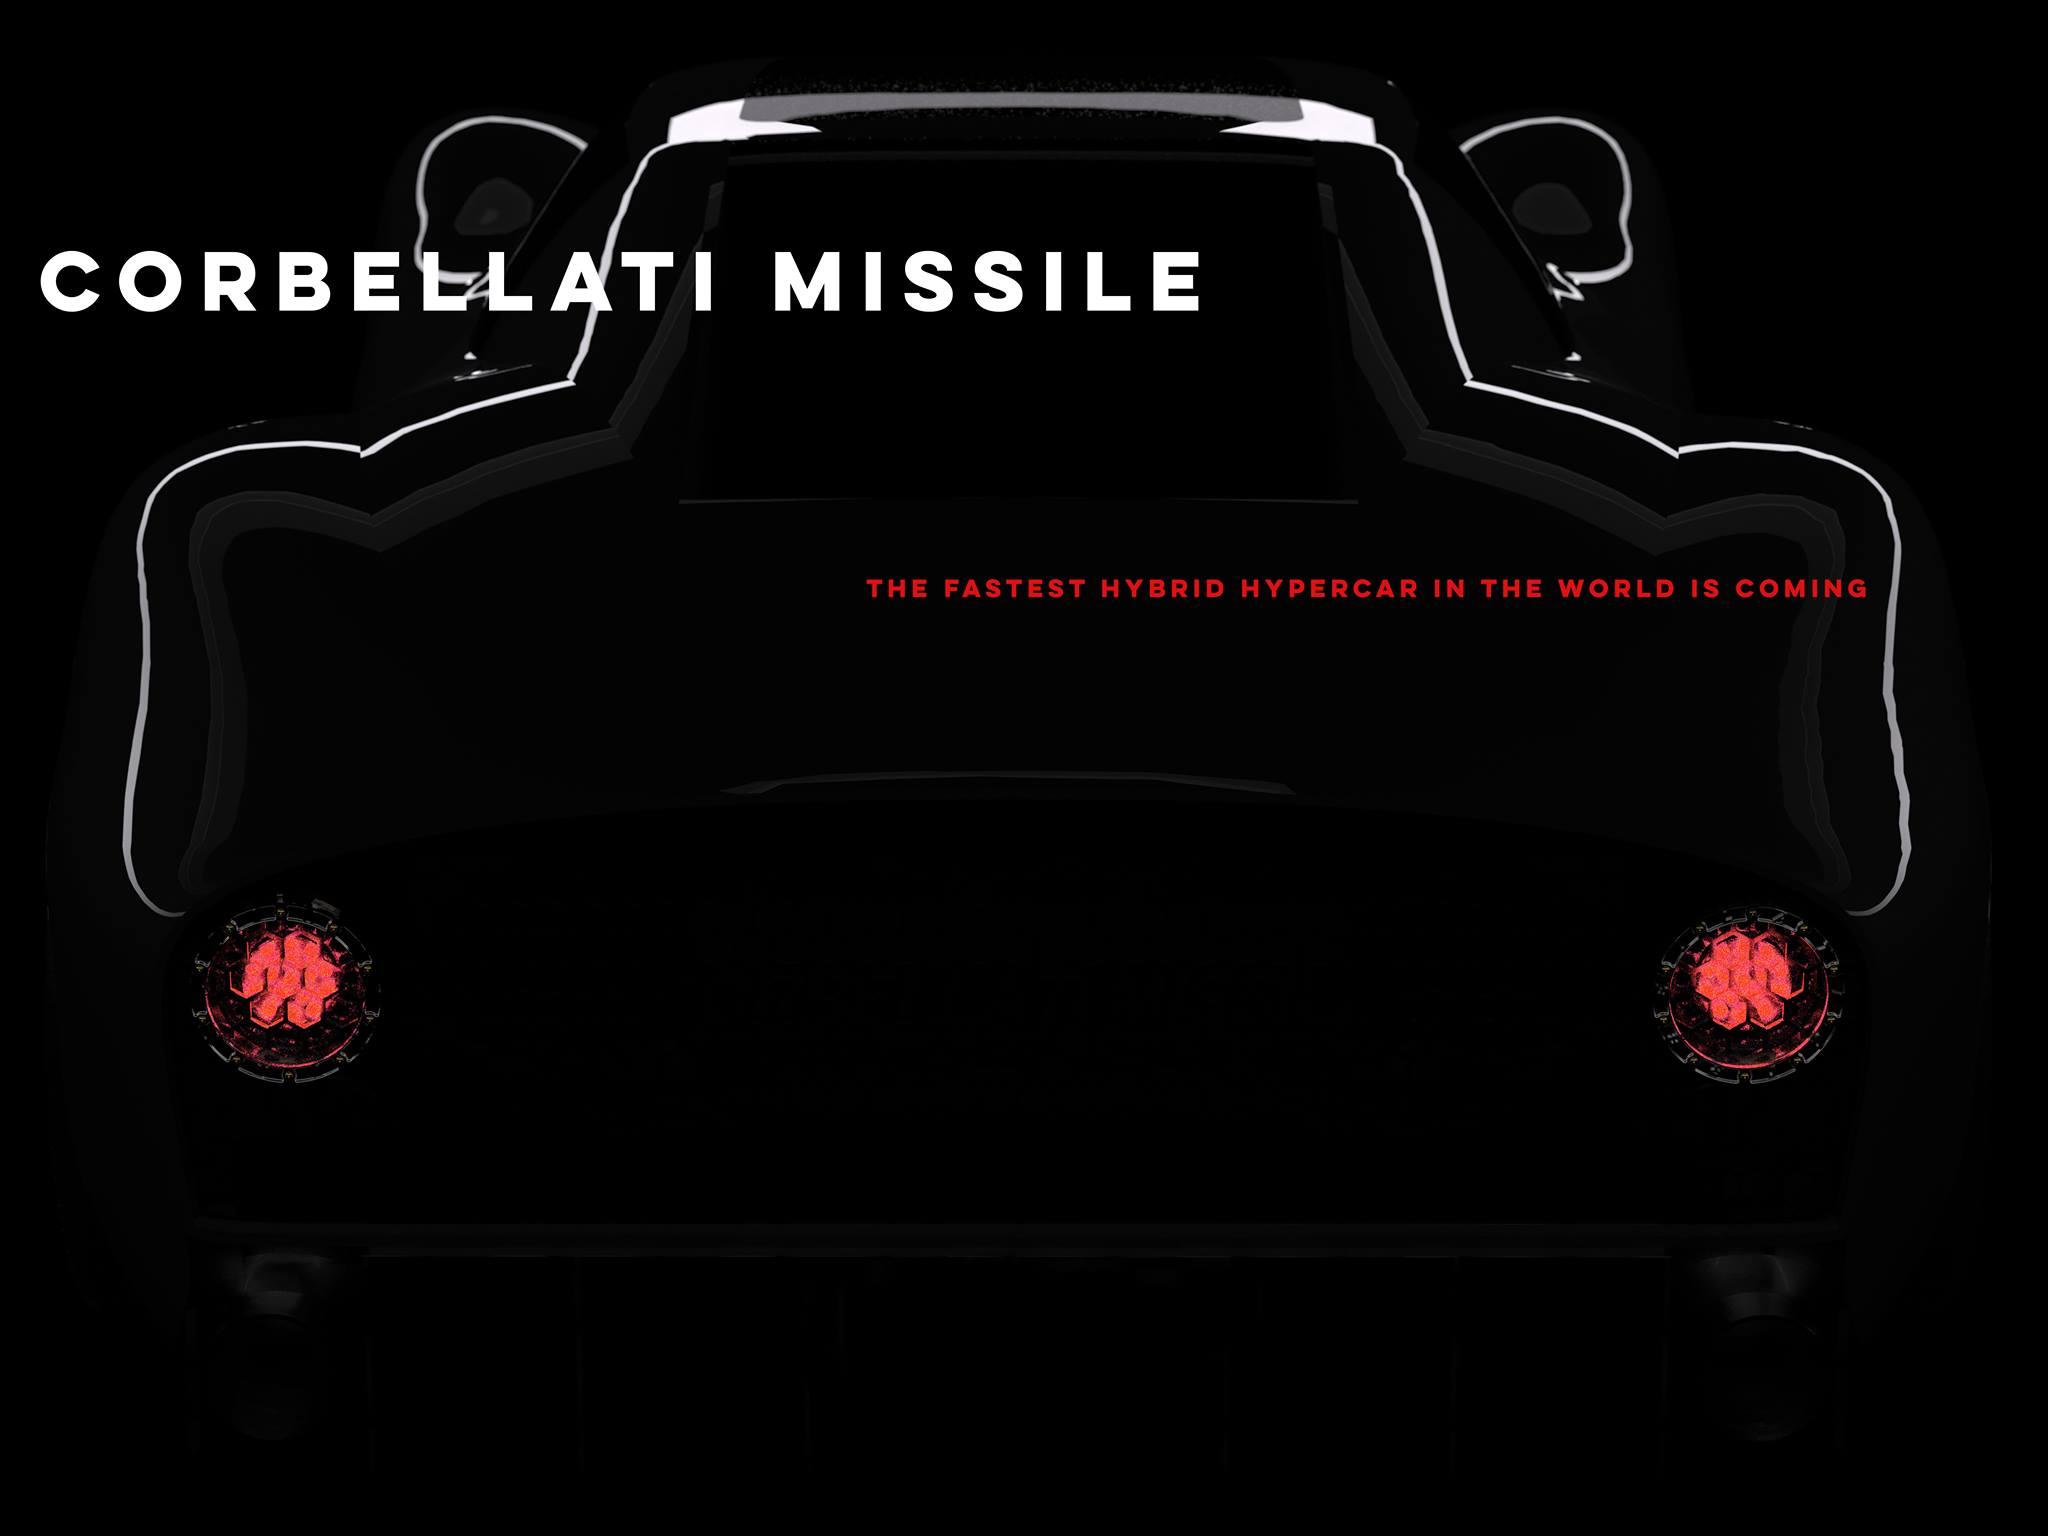 Corbellati Missile teasers (6)